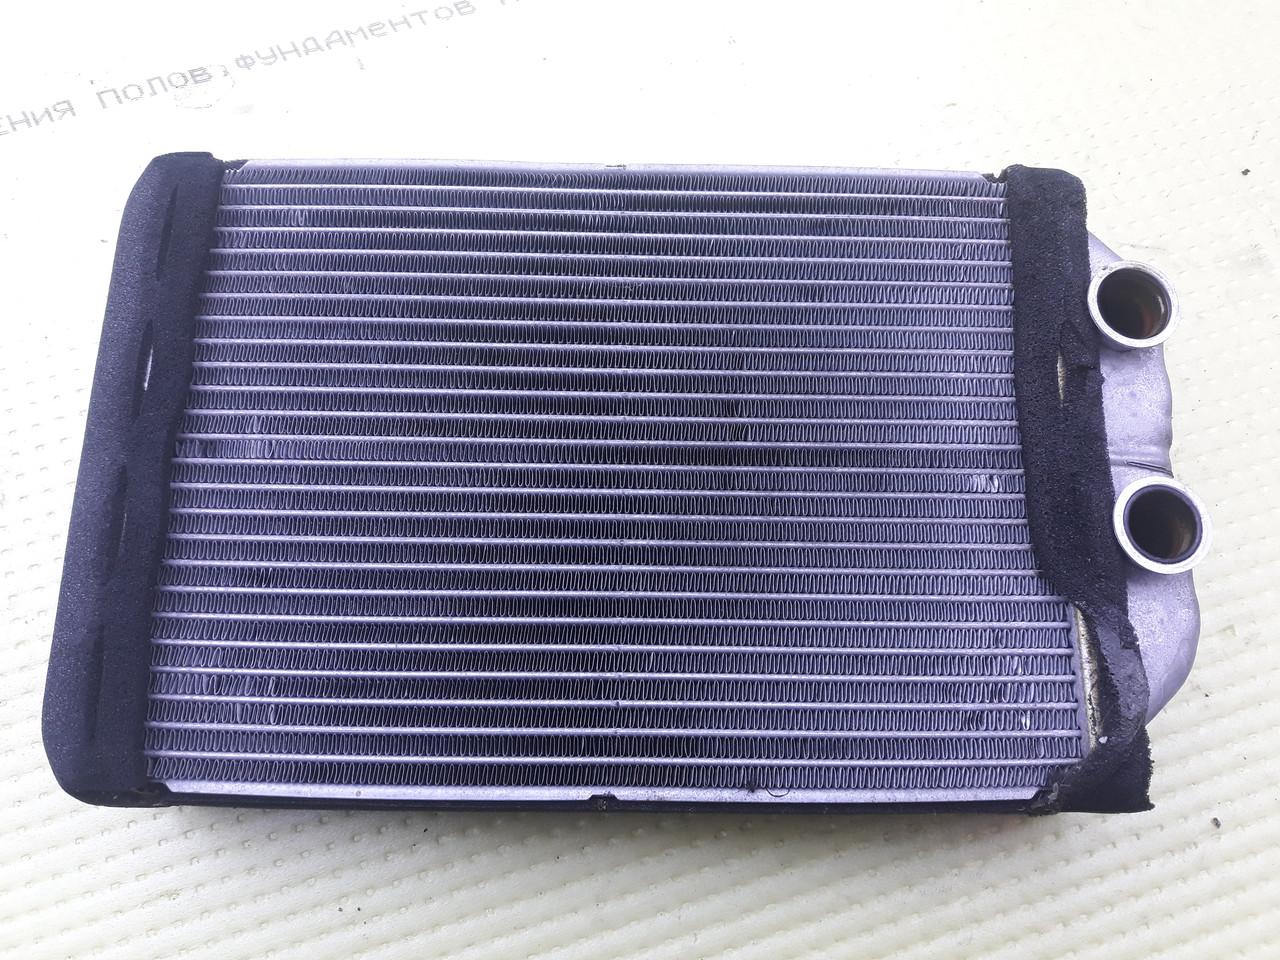 Радиатор печки отопителя ауди а6 с5 audi a6 c5 оригинал бу